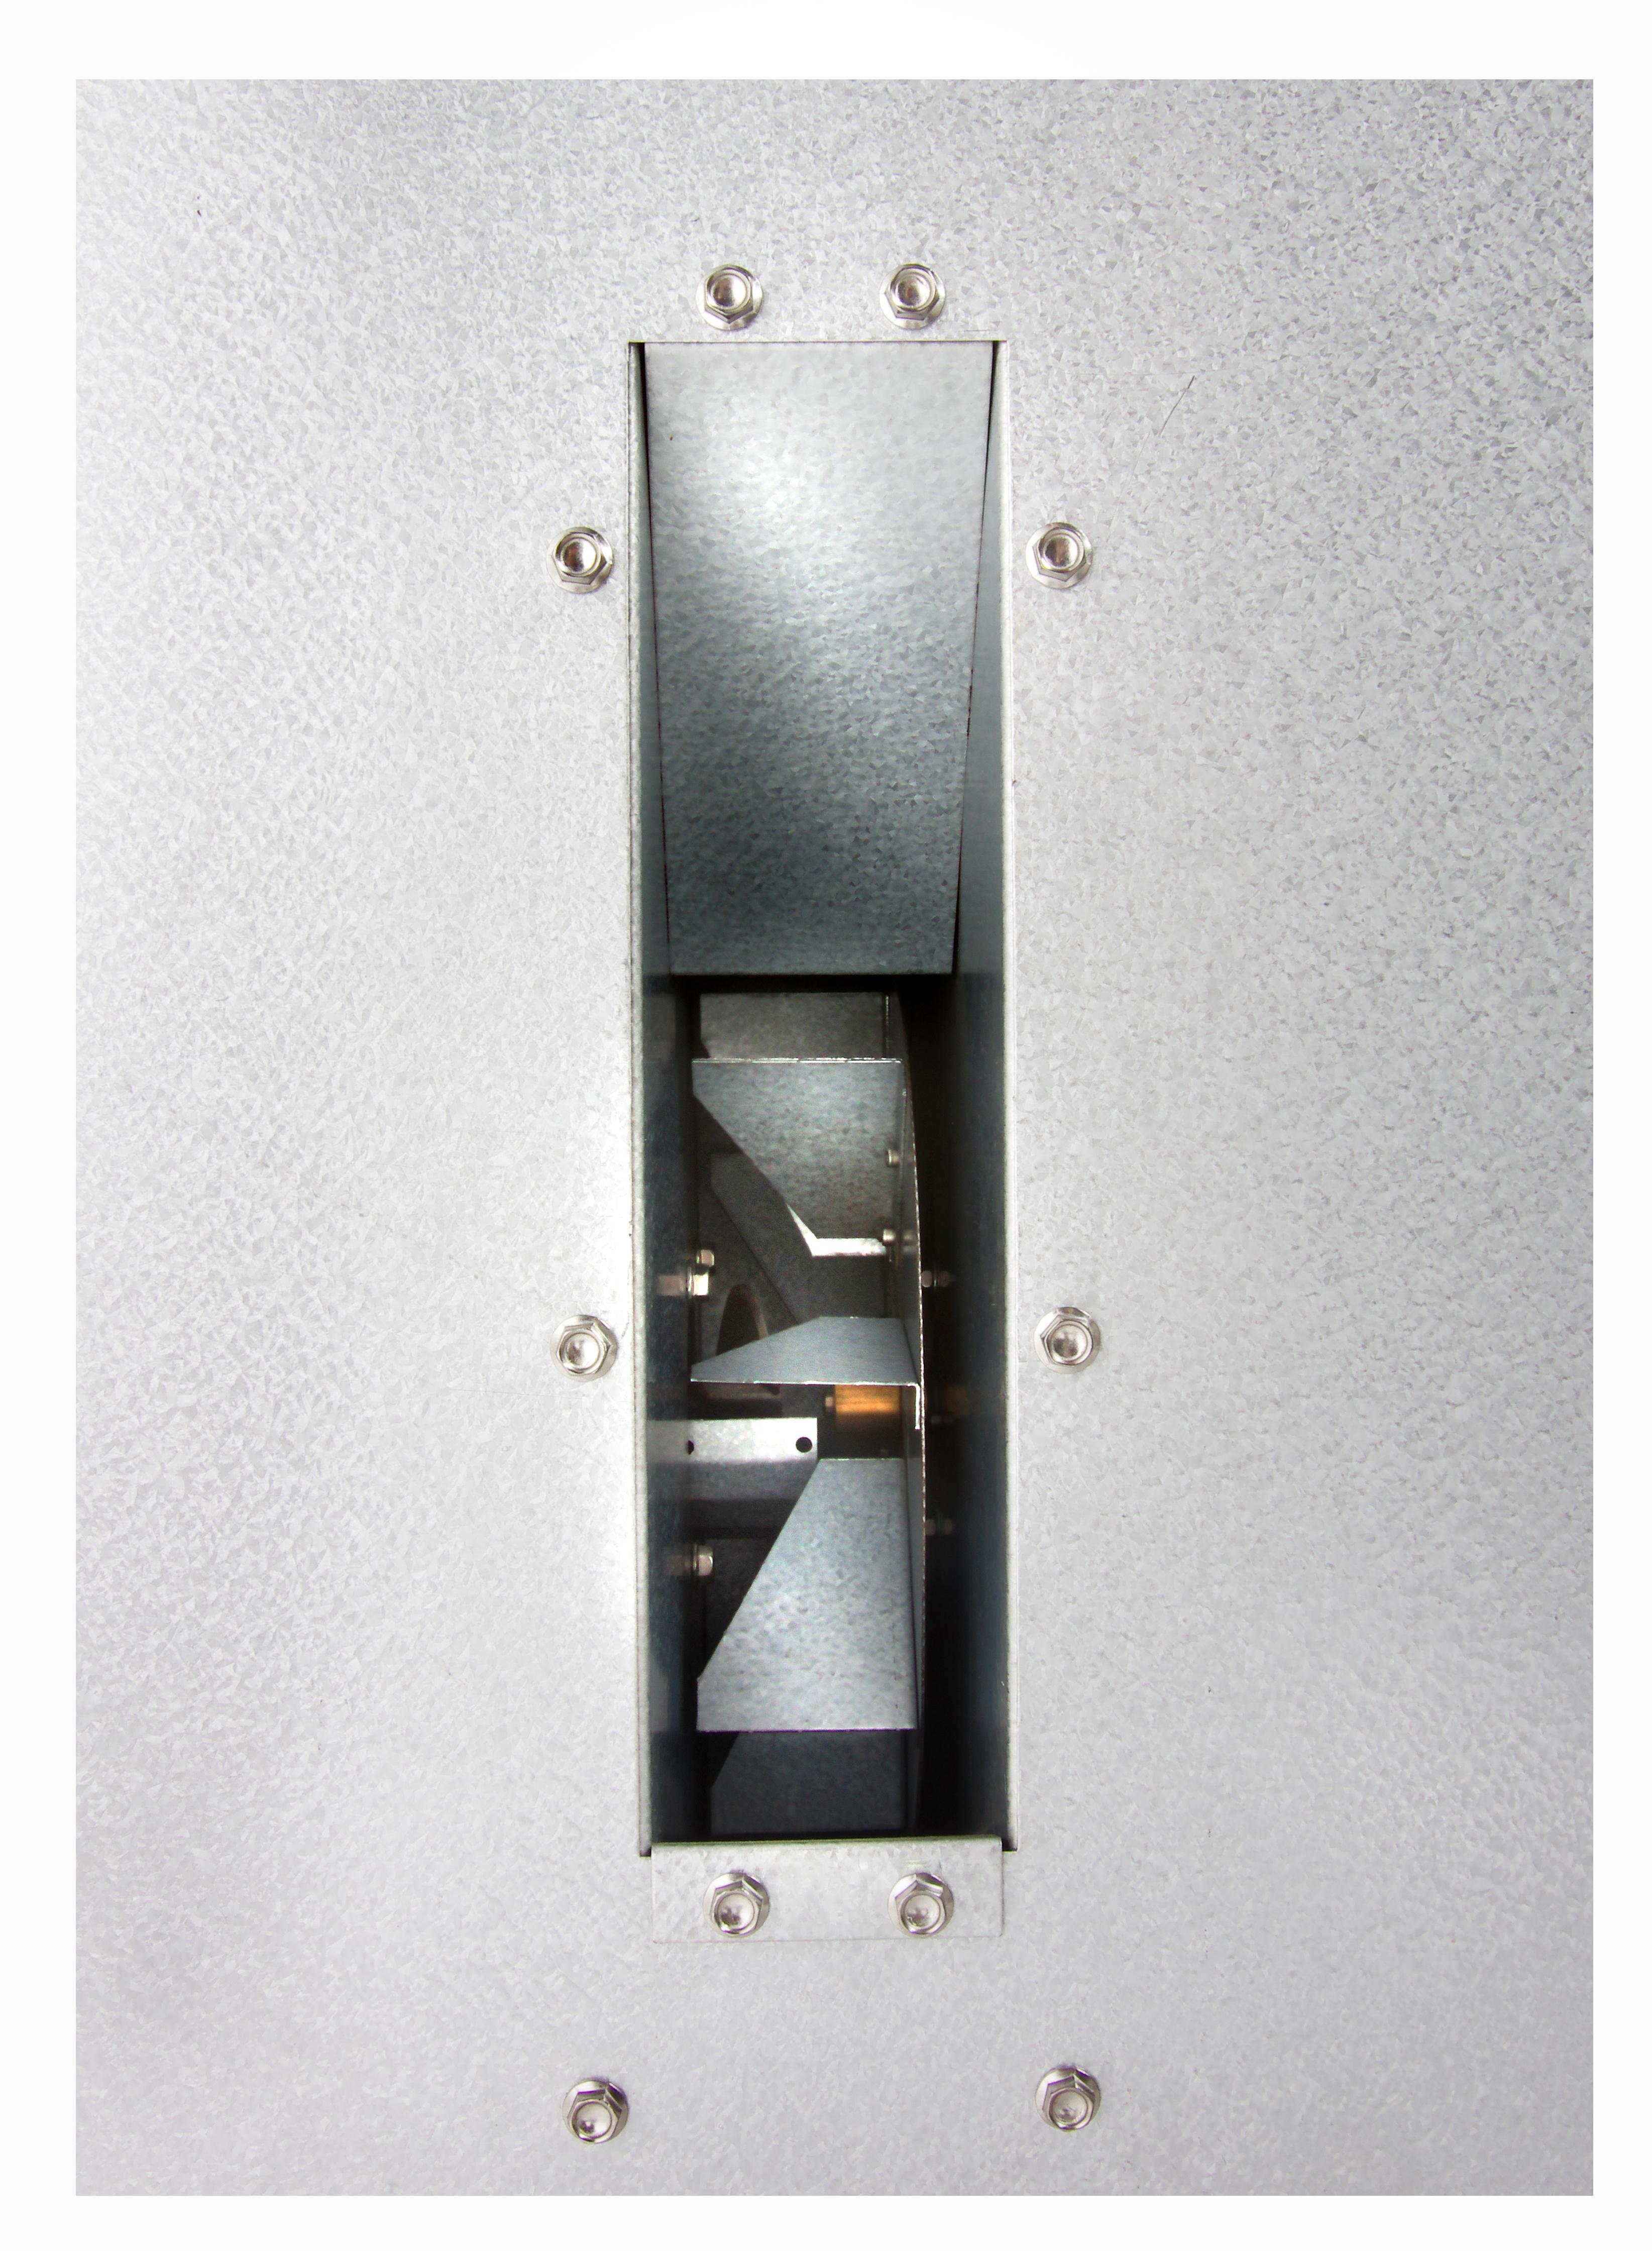 flex parts auger augers flexible img feeder